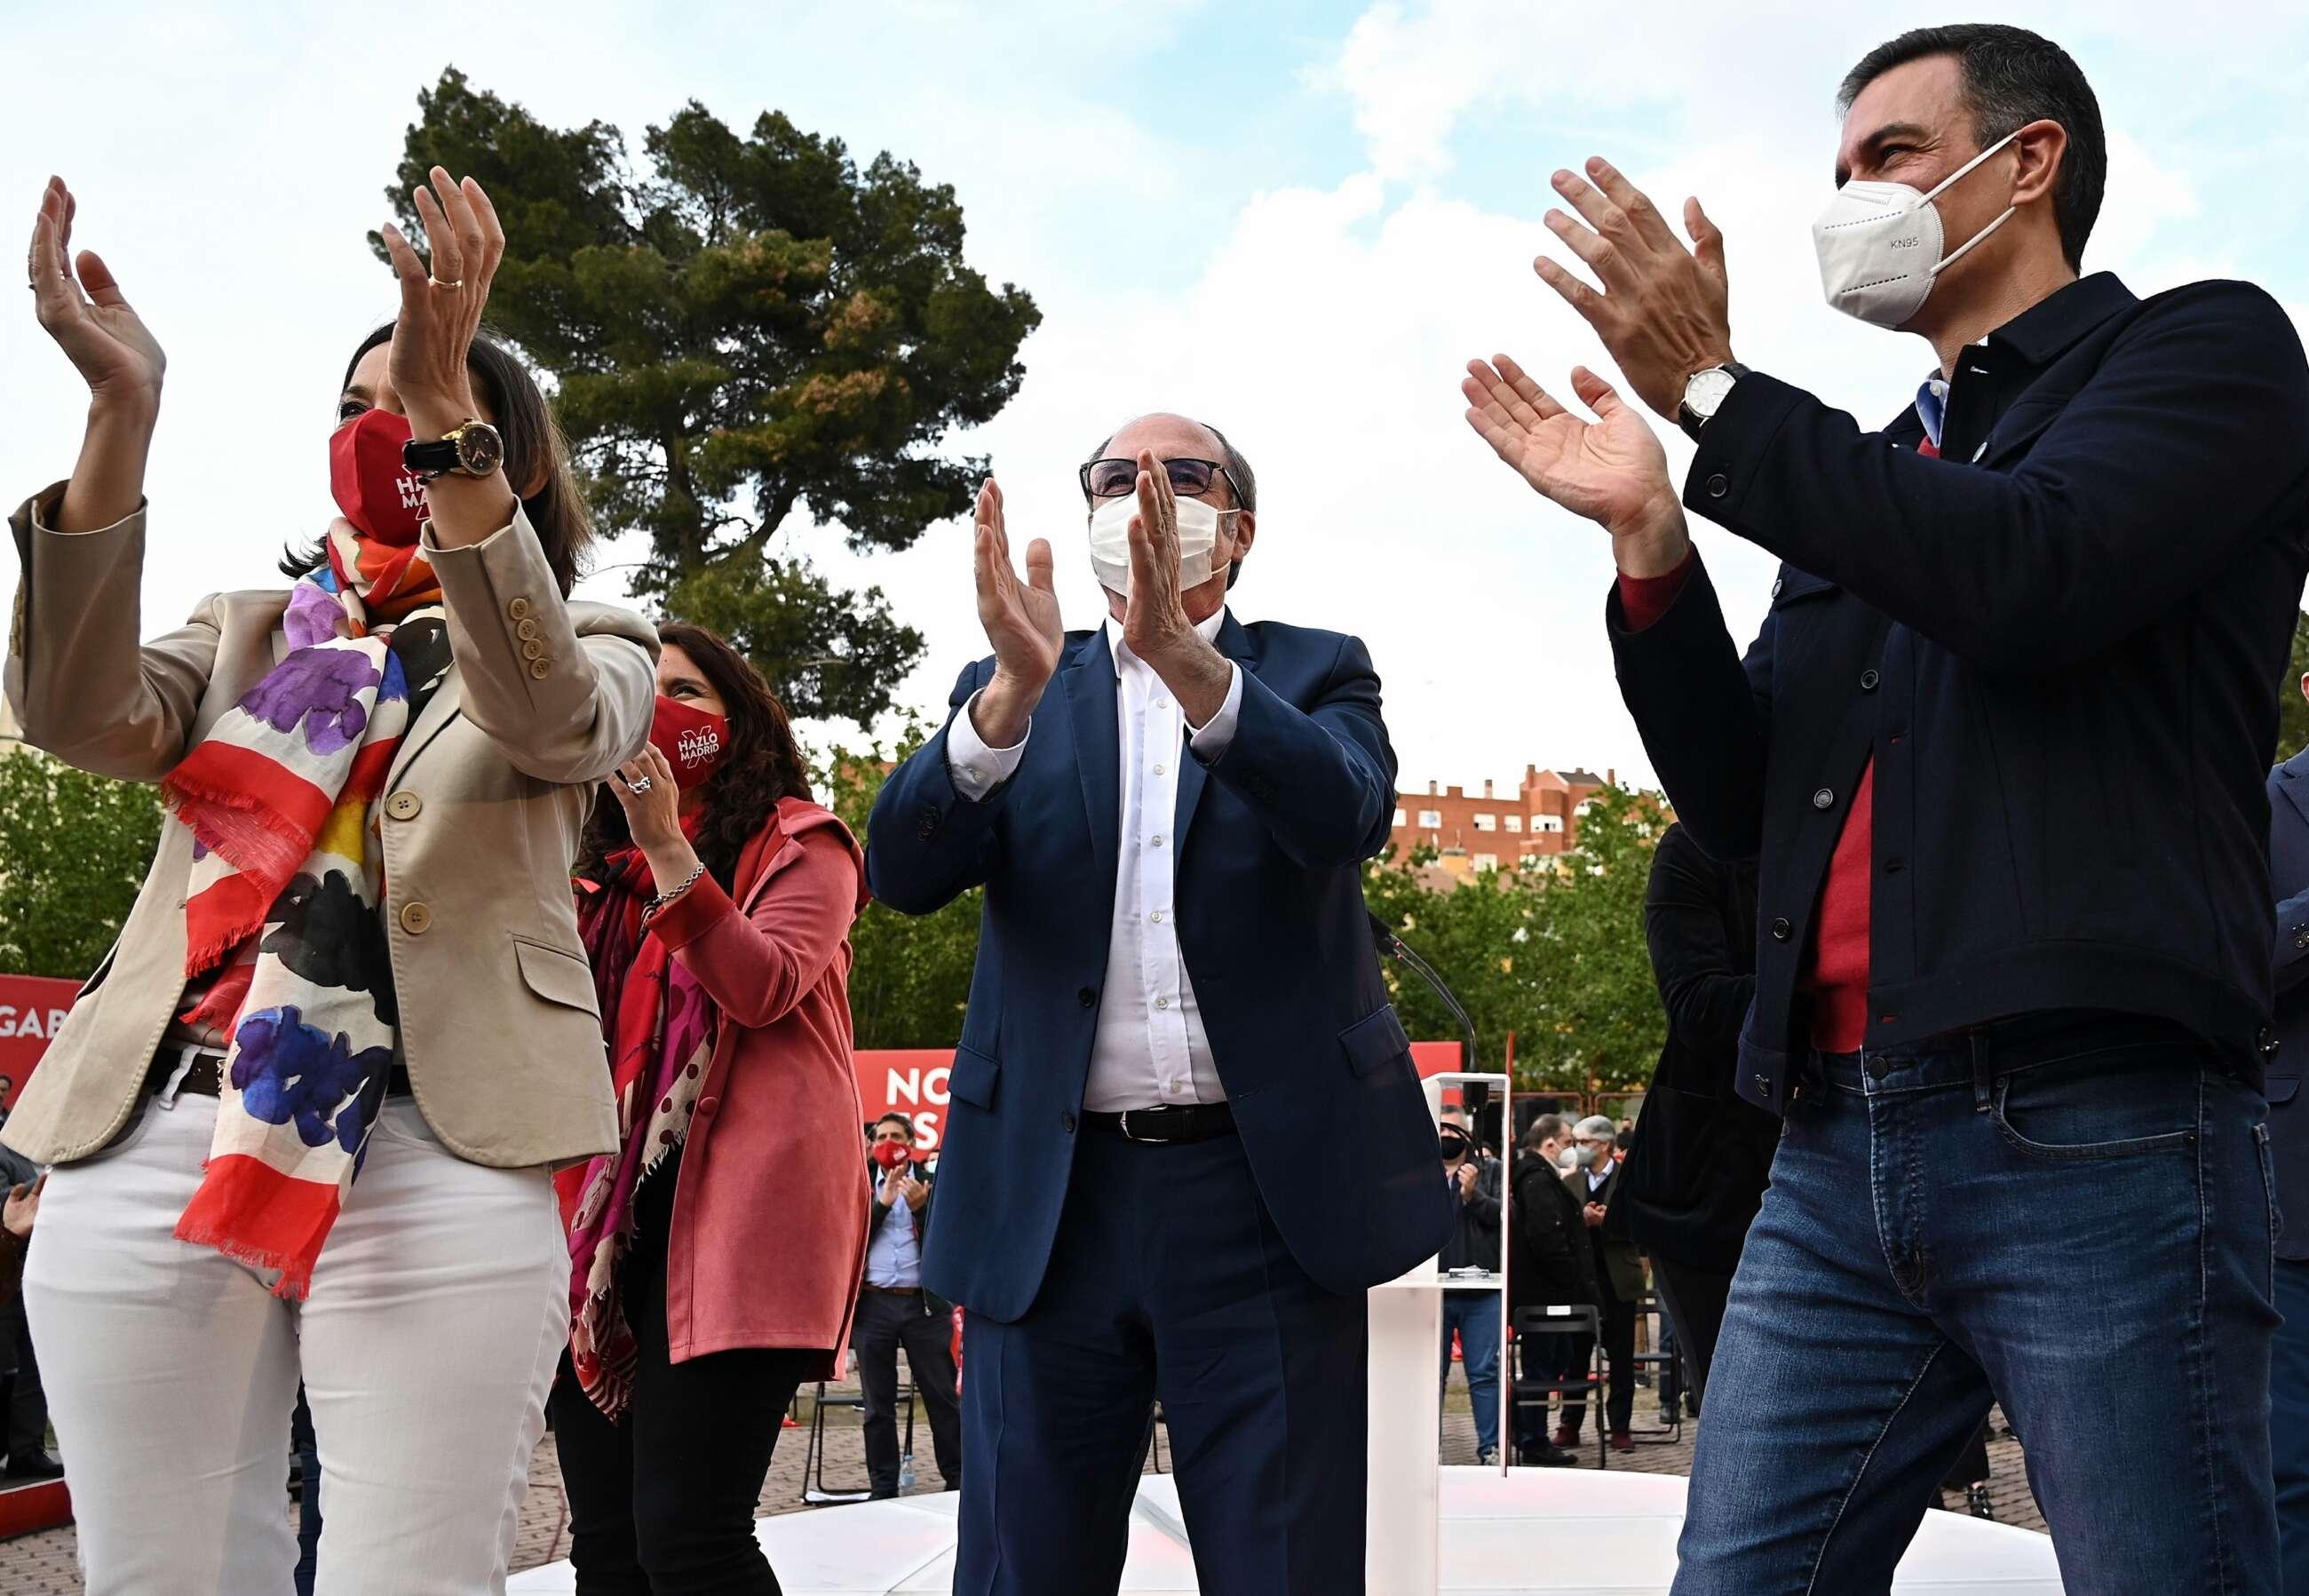 El presidente del Gobierno, Pedro Sánchez (D), el candidato a la presidencia de la Comunidad de Madrid, Ángel Gabilondo y la ministra de Industria, Reyes Maroto, durante el acto de cierre de campaña en el auditorio parque forestal Entrevias. EFE/Fernando Villar.